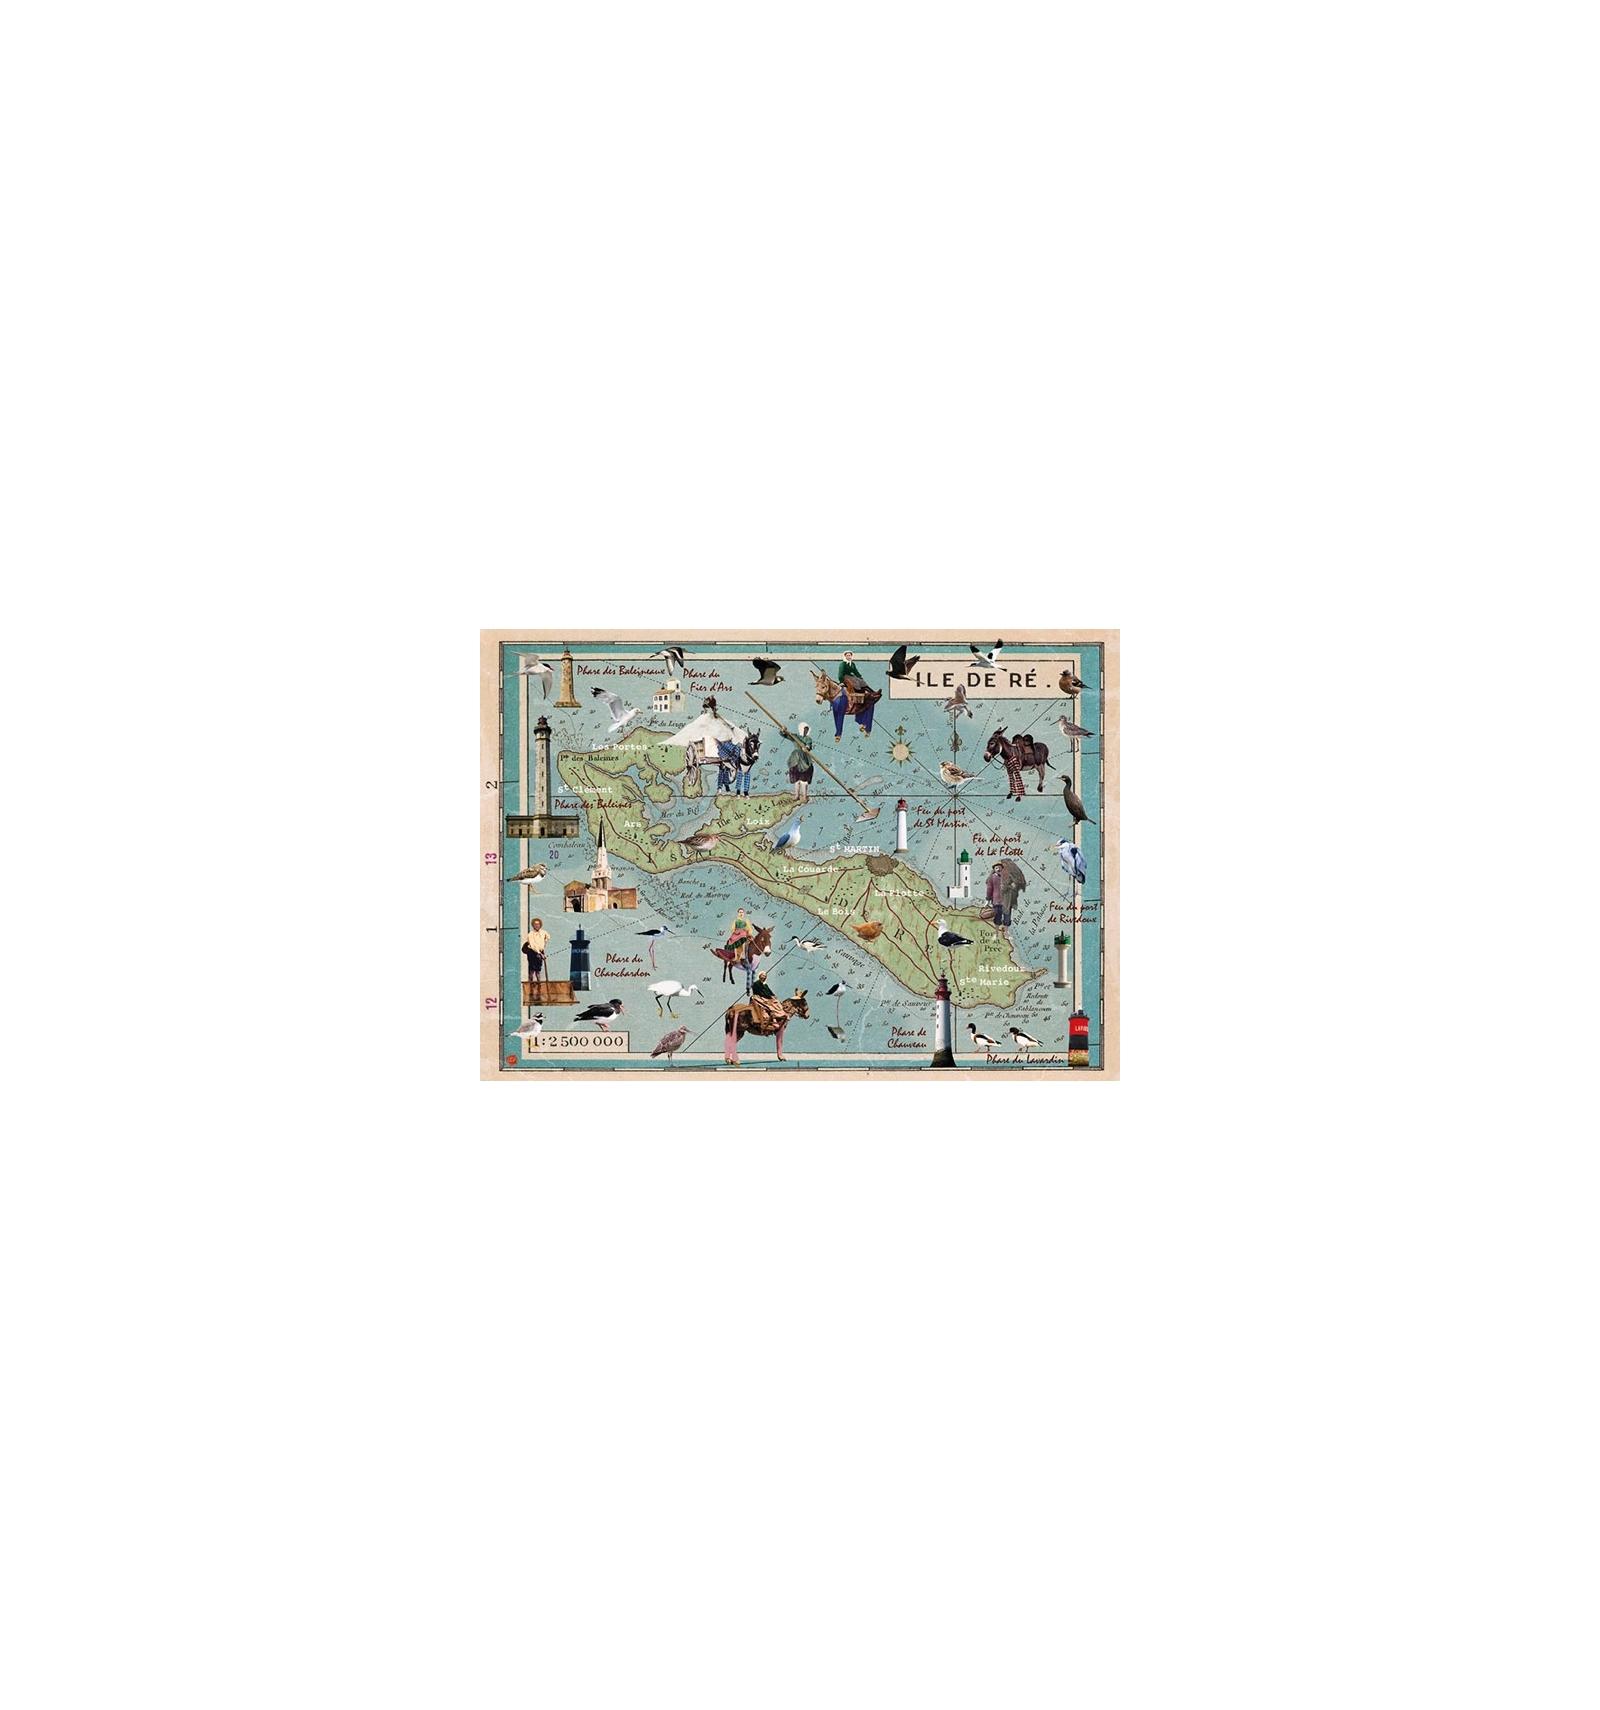 https://osez-sophie.com/161-thickbox_default/set-de-table-carte-ile-de-re-animee-la-rochelle-souvenir-vacance.jpg